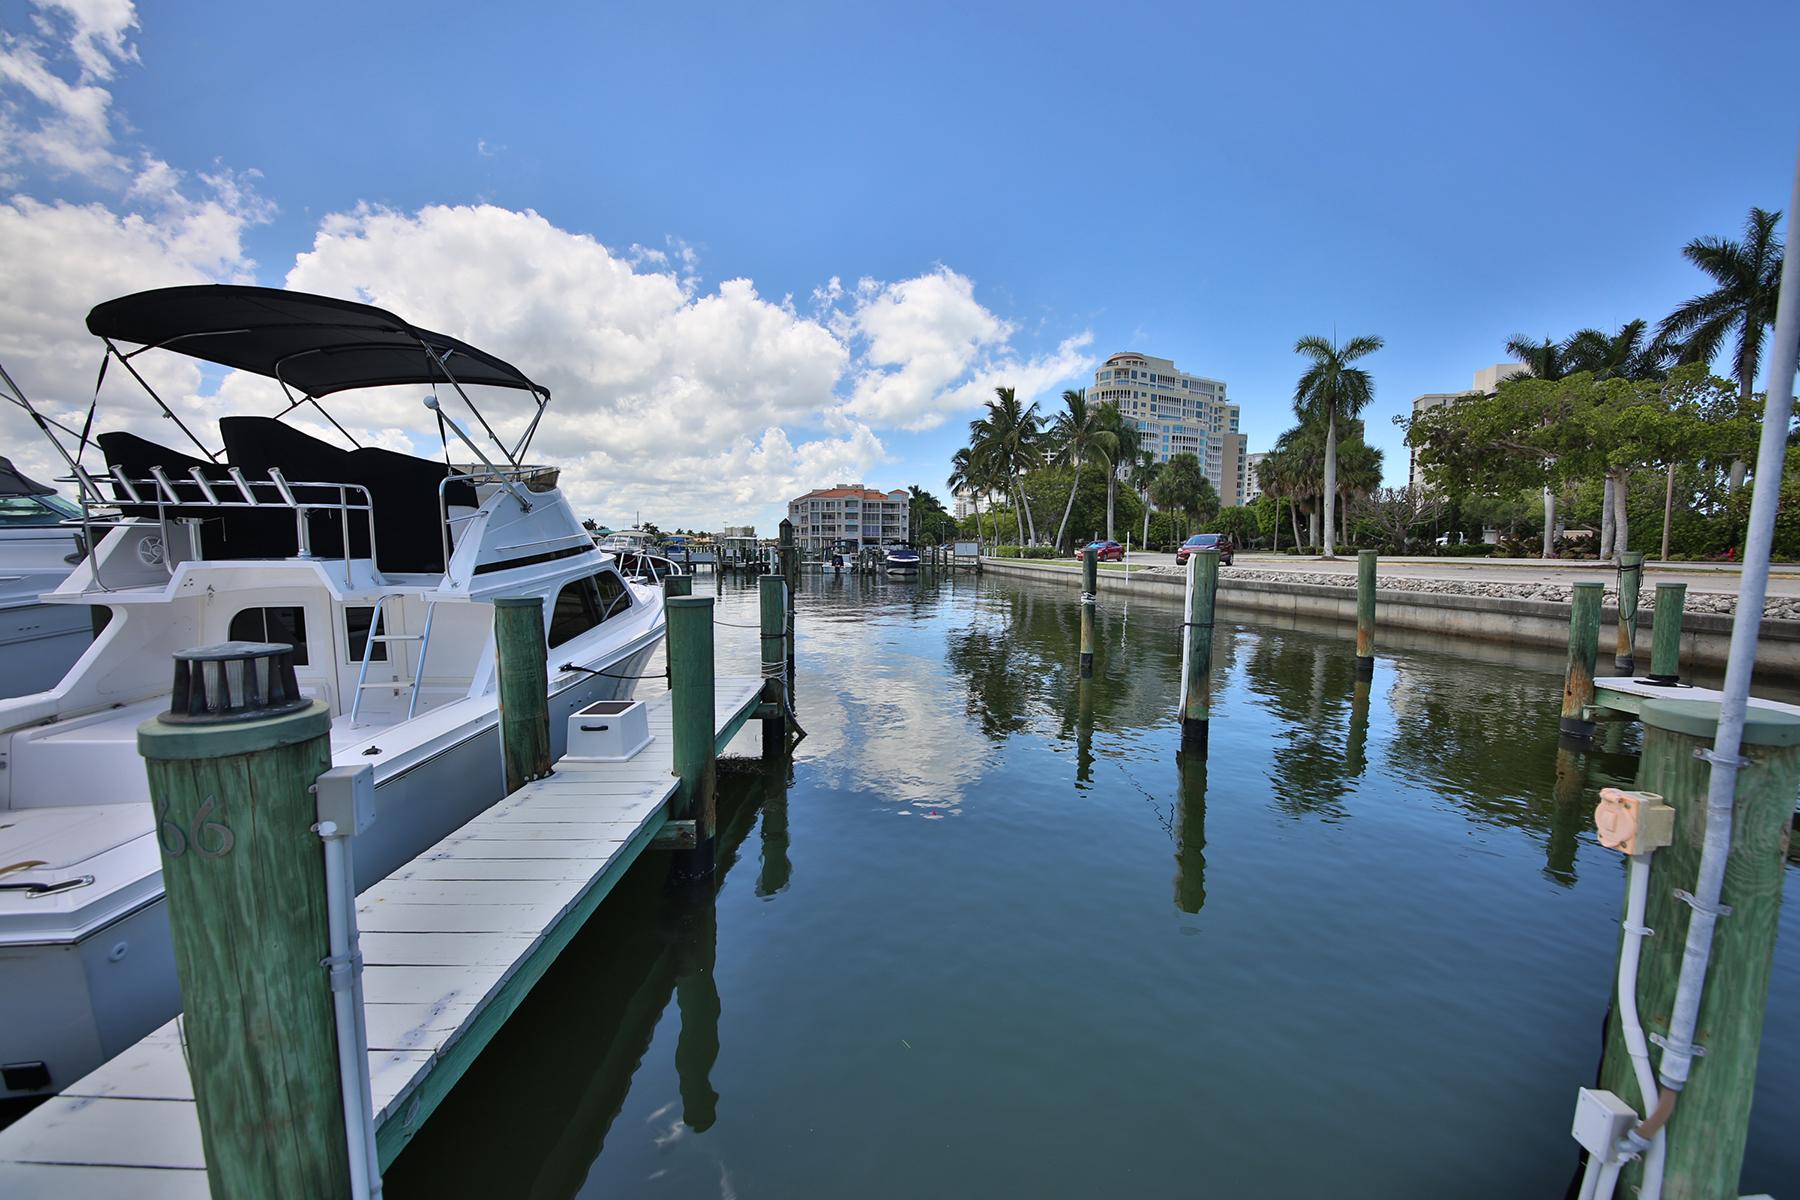 その他の住居 のために 売買 アット PARK SHORE - VENETIAN BAY YATCH CLUB 4680 Gulf Shore Boat Slip 66 Blvd N Naples, フロリダ 34103 アメリカ合衆国